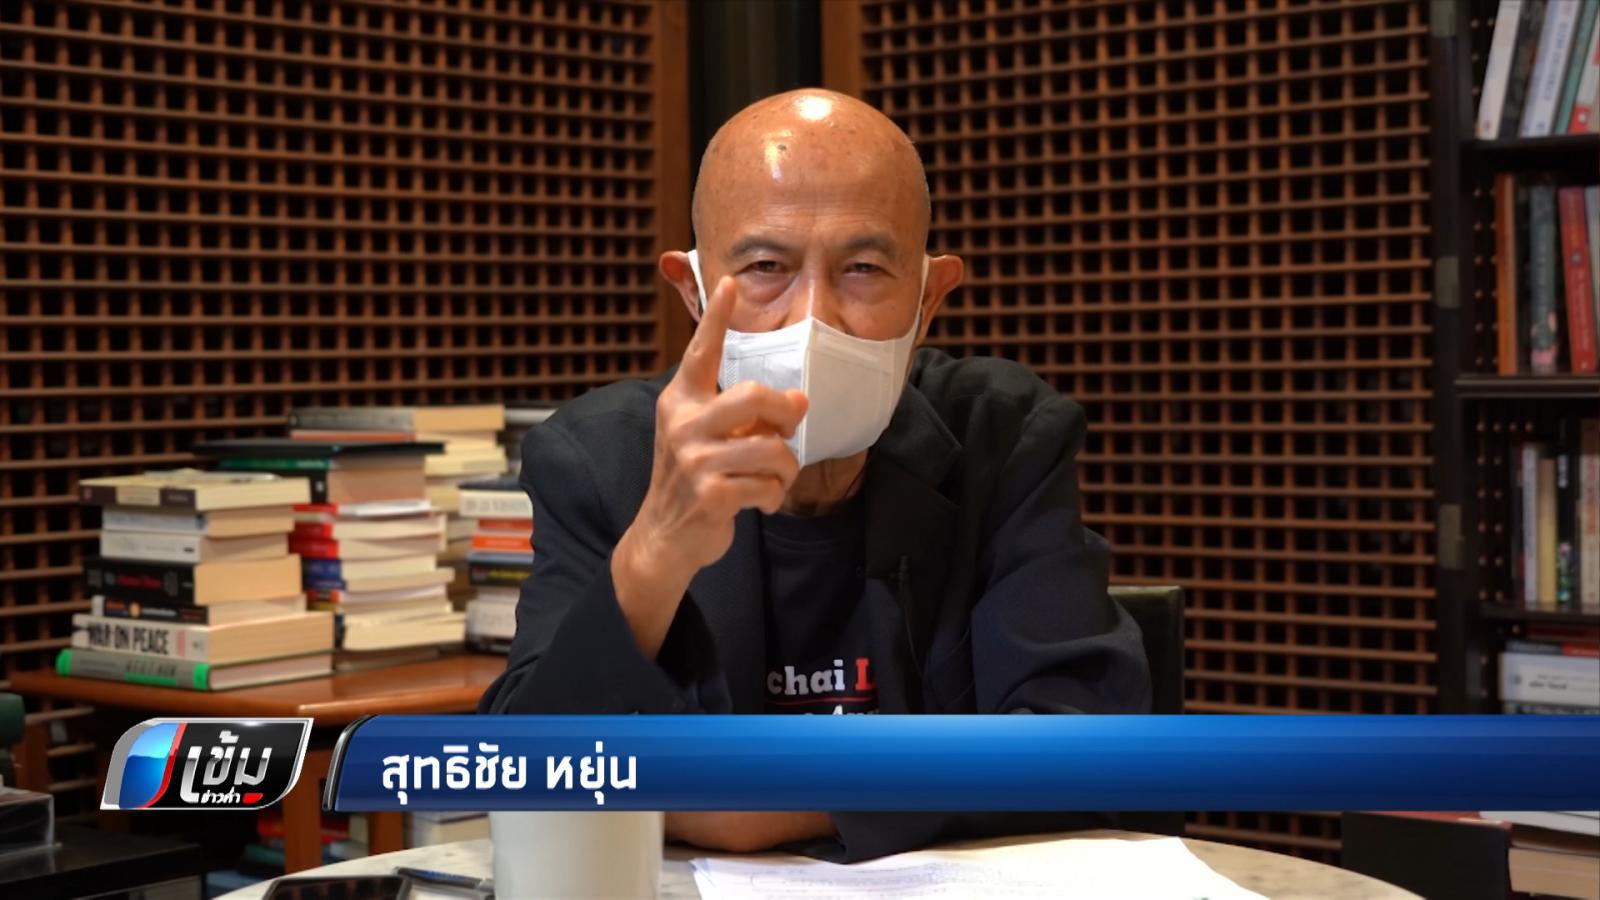 สุทธิชัย หยุ่น : ทีมประเทศไทย ต้องมีทีมเดียว